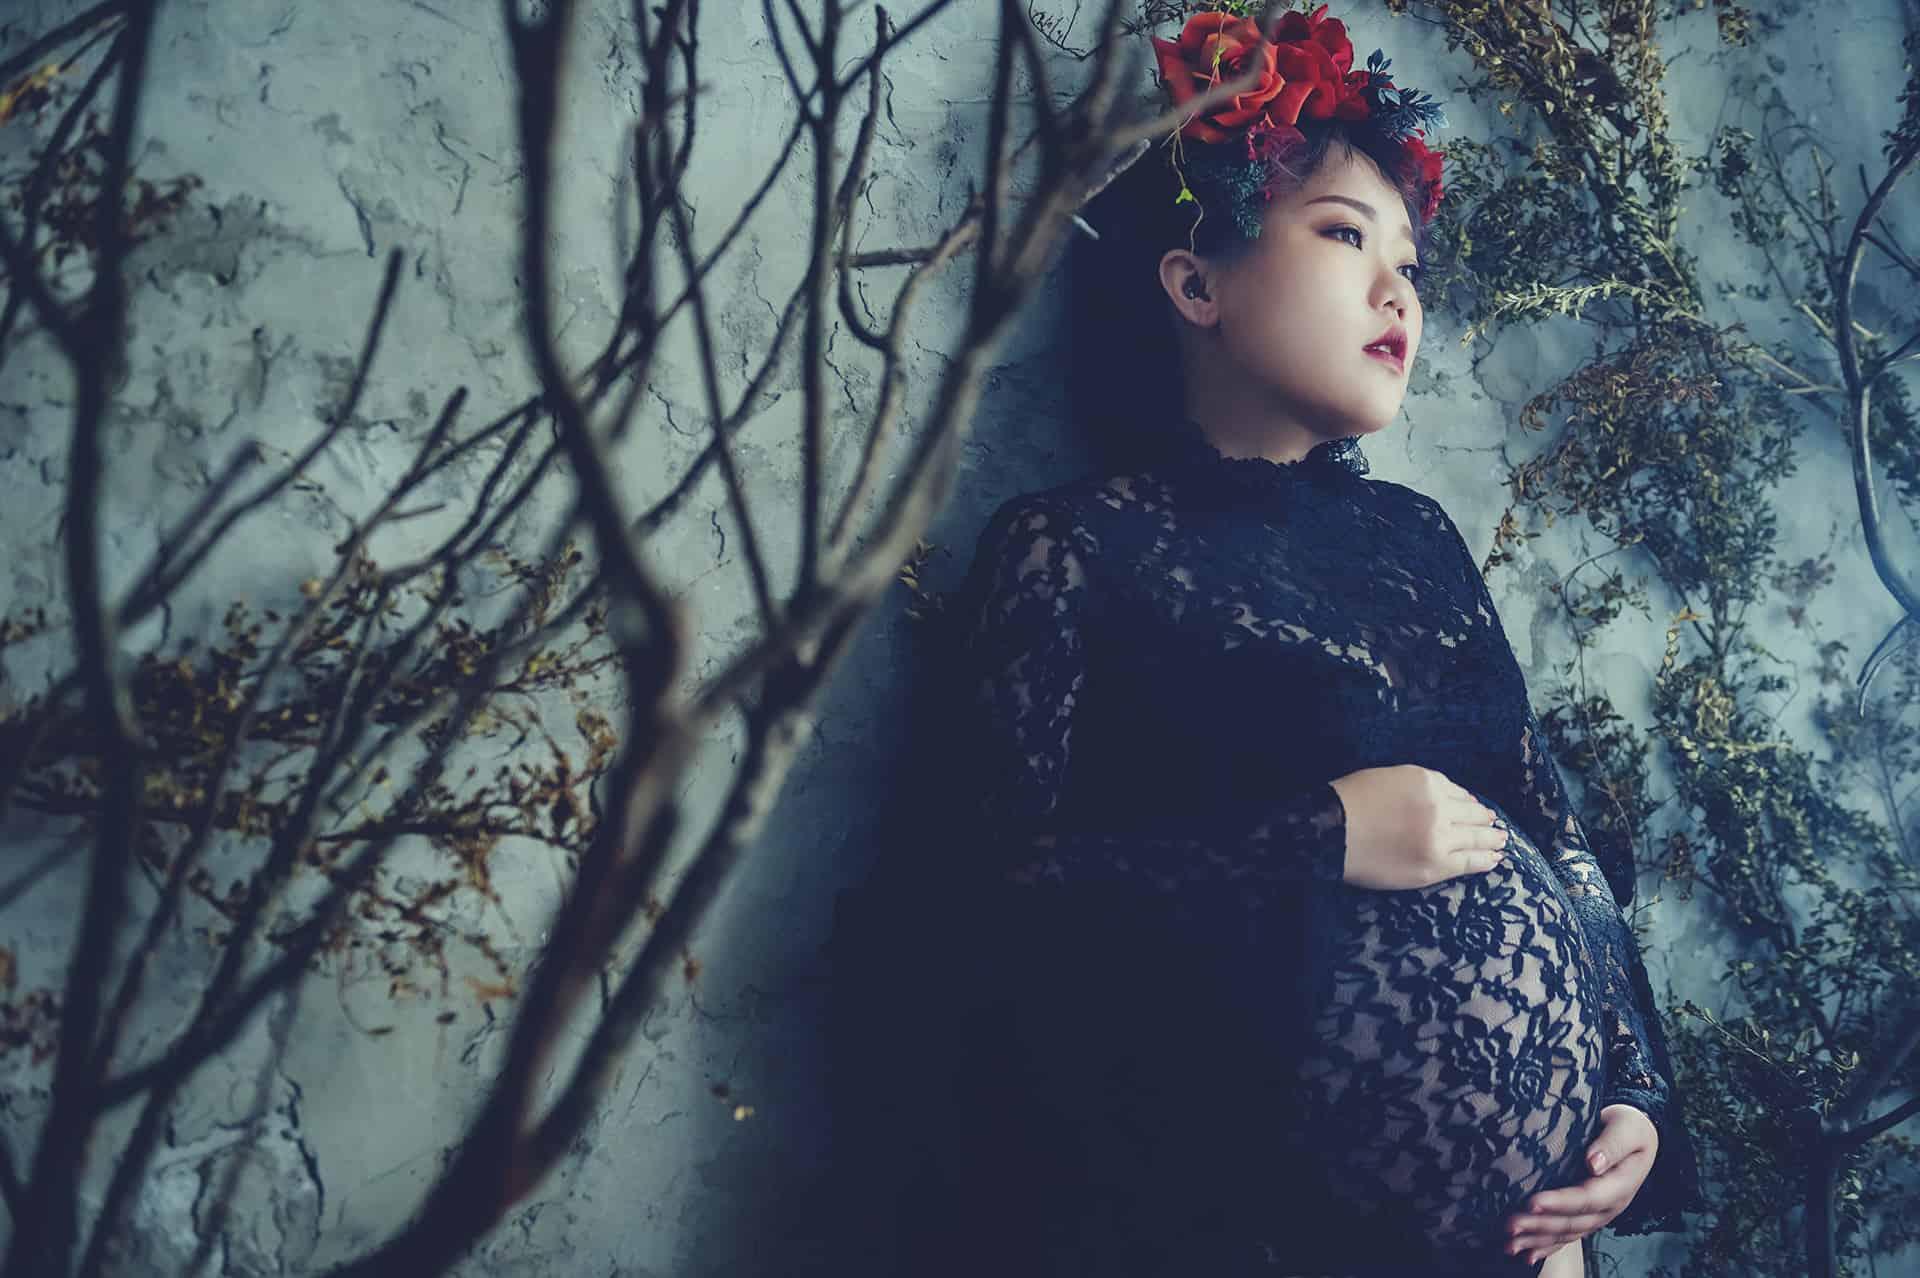 孕婦寫真,小花園,三宇影像,阿三,風雲20,53studio,棚拍,個性,花朵,新娘物語推薦,婚攝推薦,新秘,攝影師,